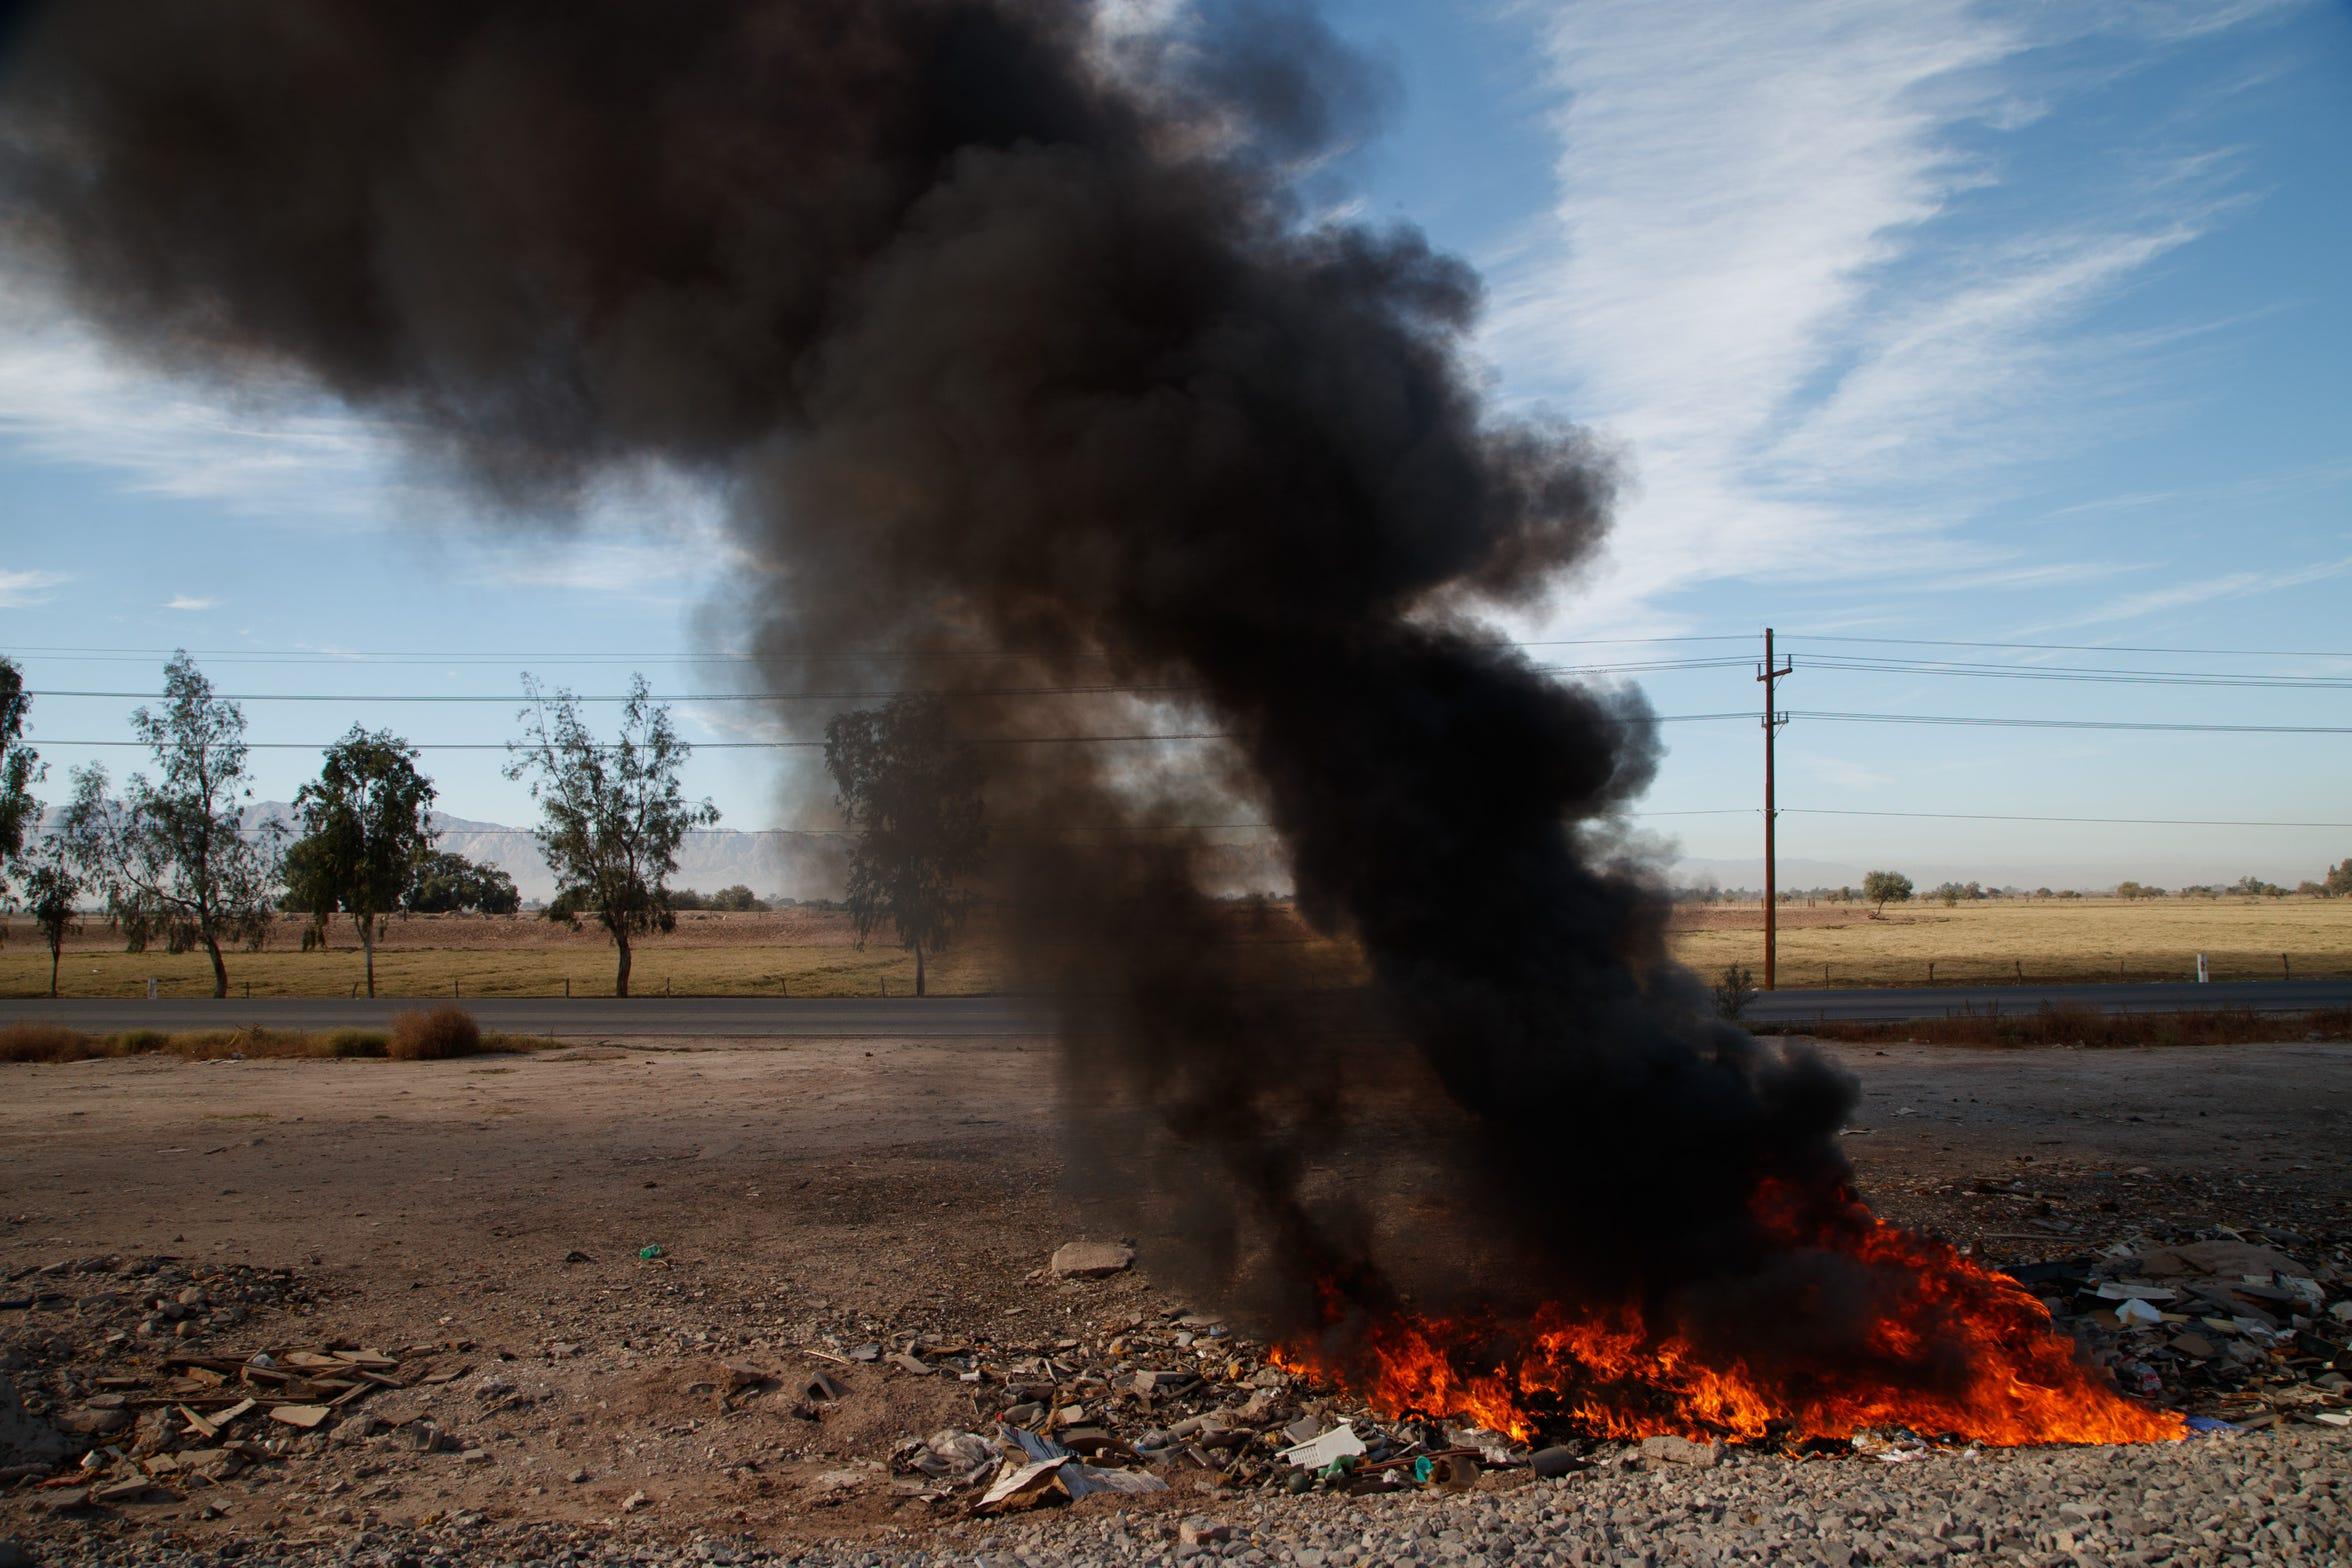 Humo negro brota de un apiladero de basura que es incendiado en un campo, cerca de Mexicali.